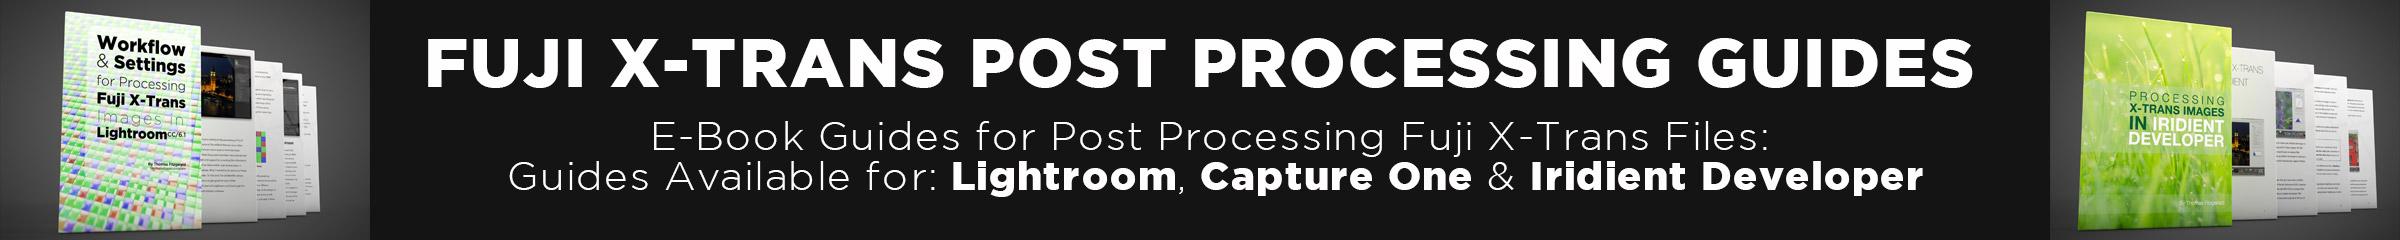 Fuji X-Trans post processing guides